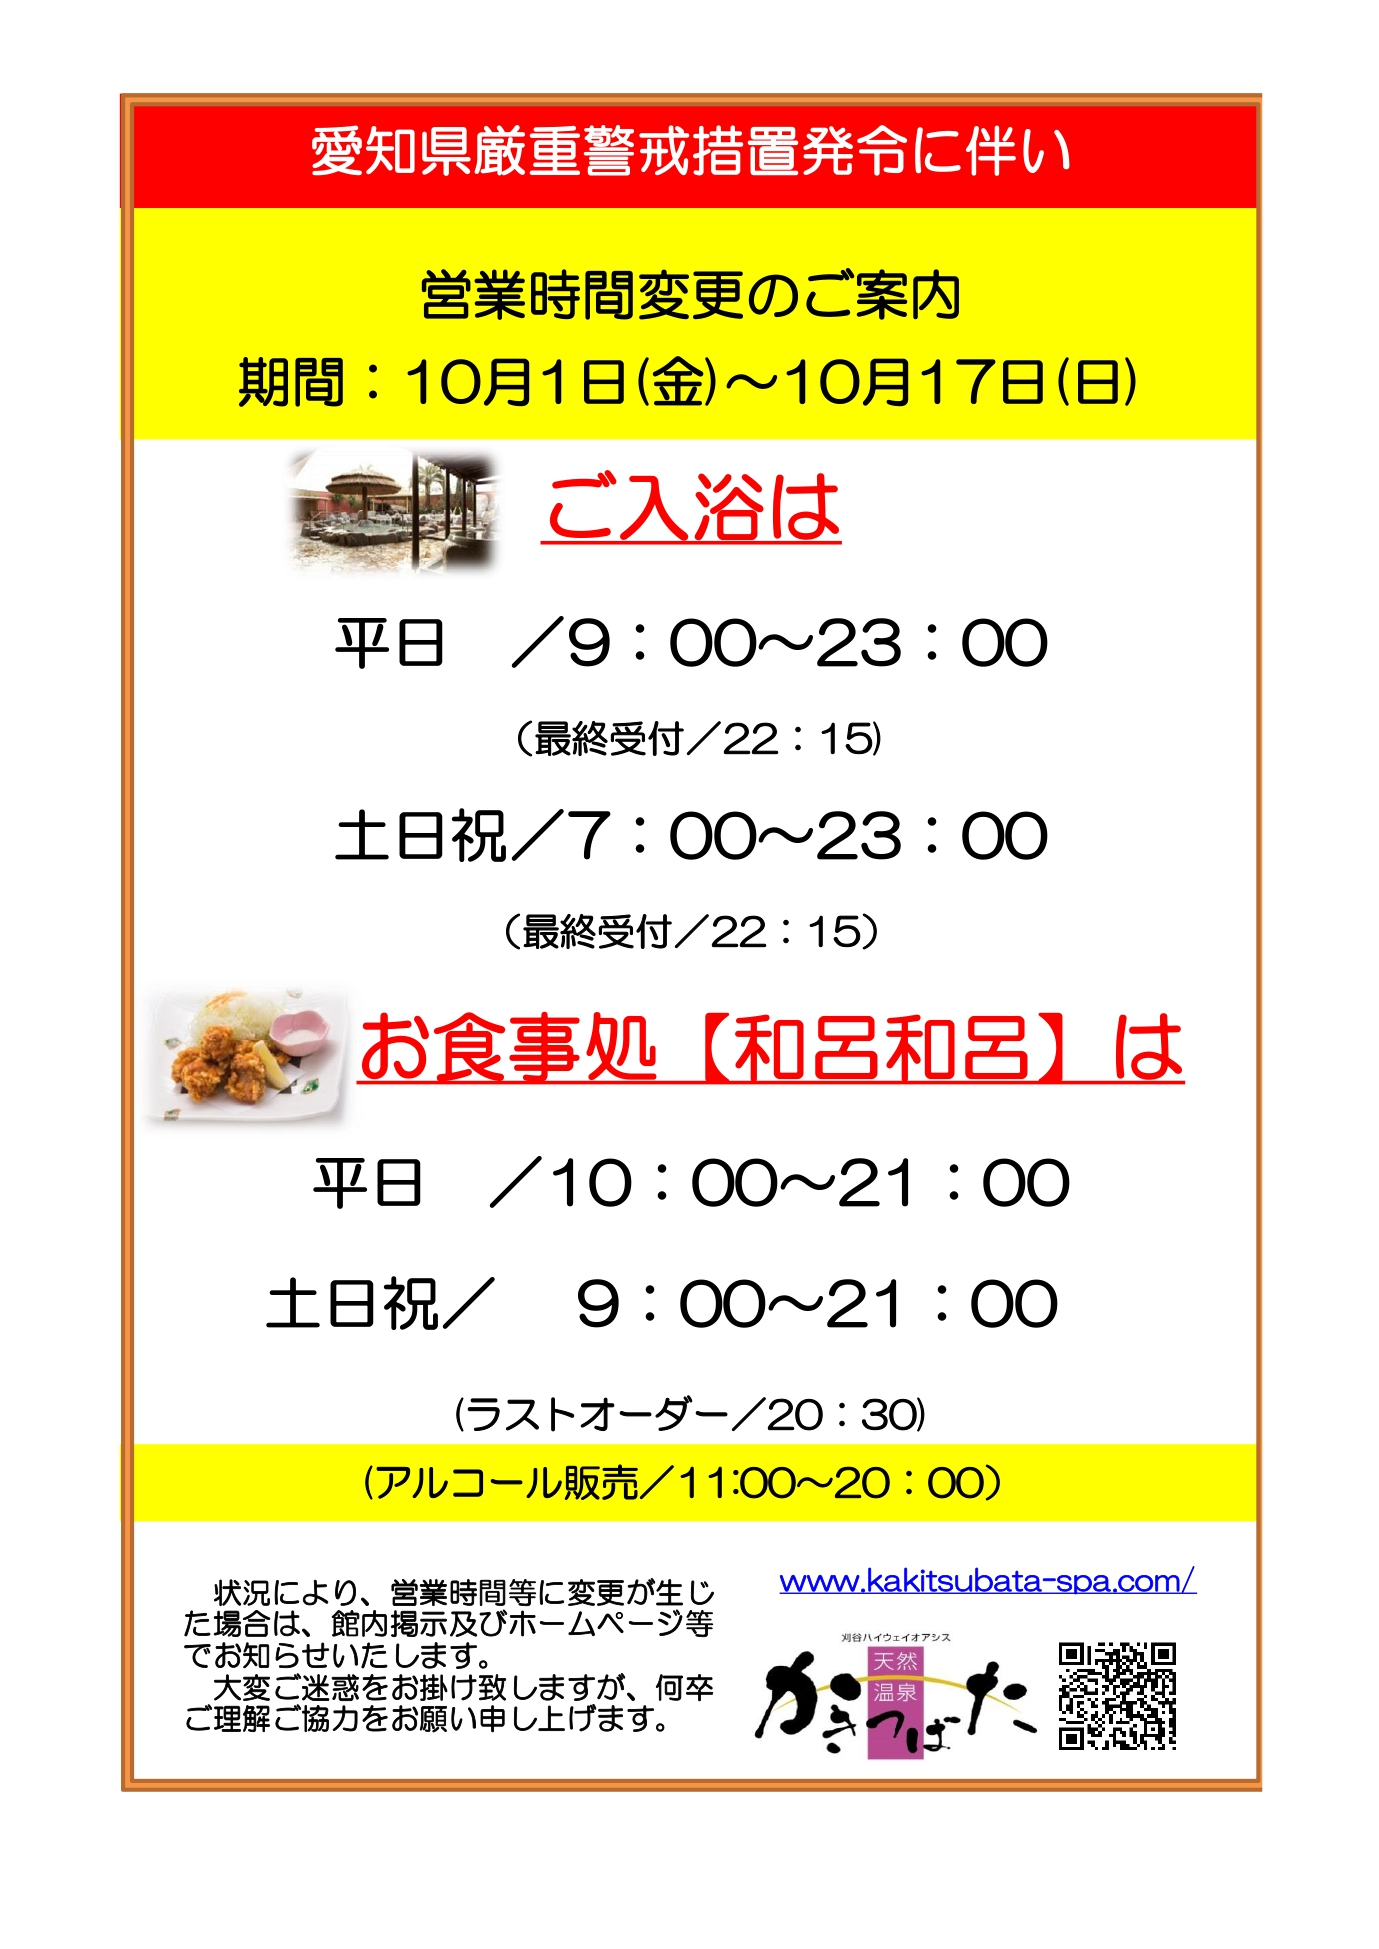 営業時間のお知らせ。期間:10月1日(金)~17日(日)【愛知県厳重警戒措置の為】